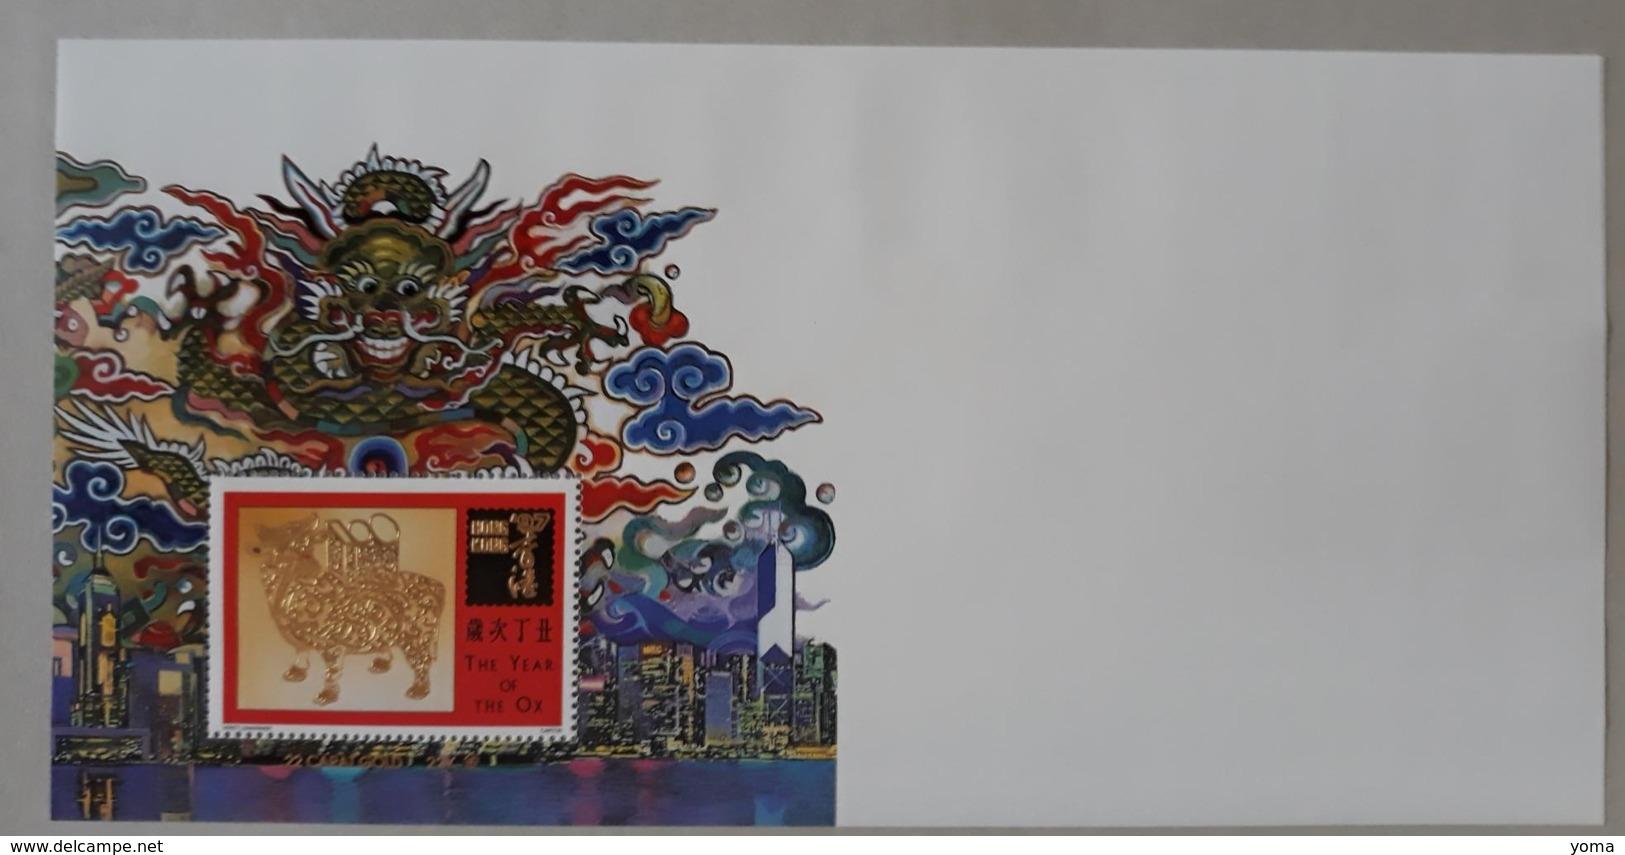 Année Du Boeuf Du 12.02.1997 Avec Un Feuillet Neuf - 1997-... Région Administrative Chinoise